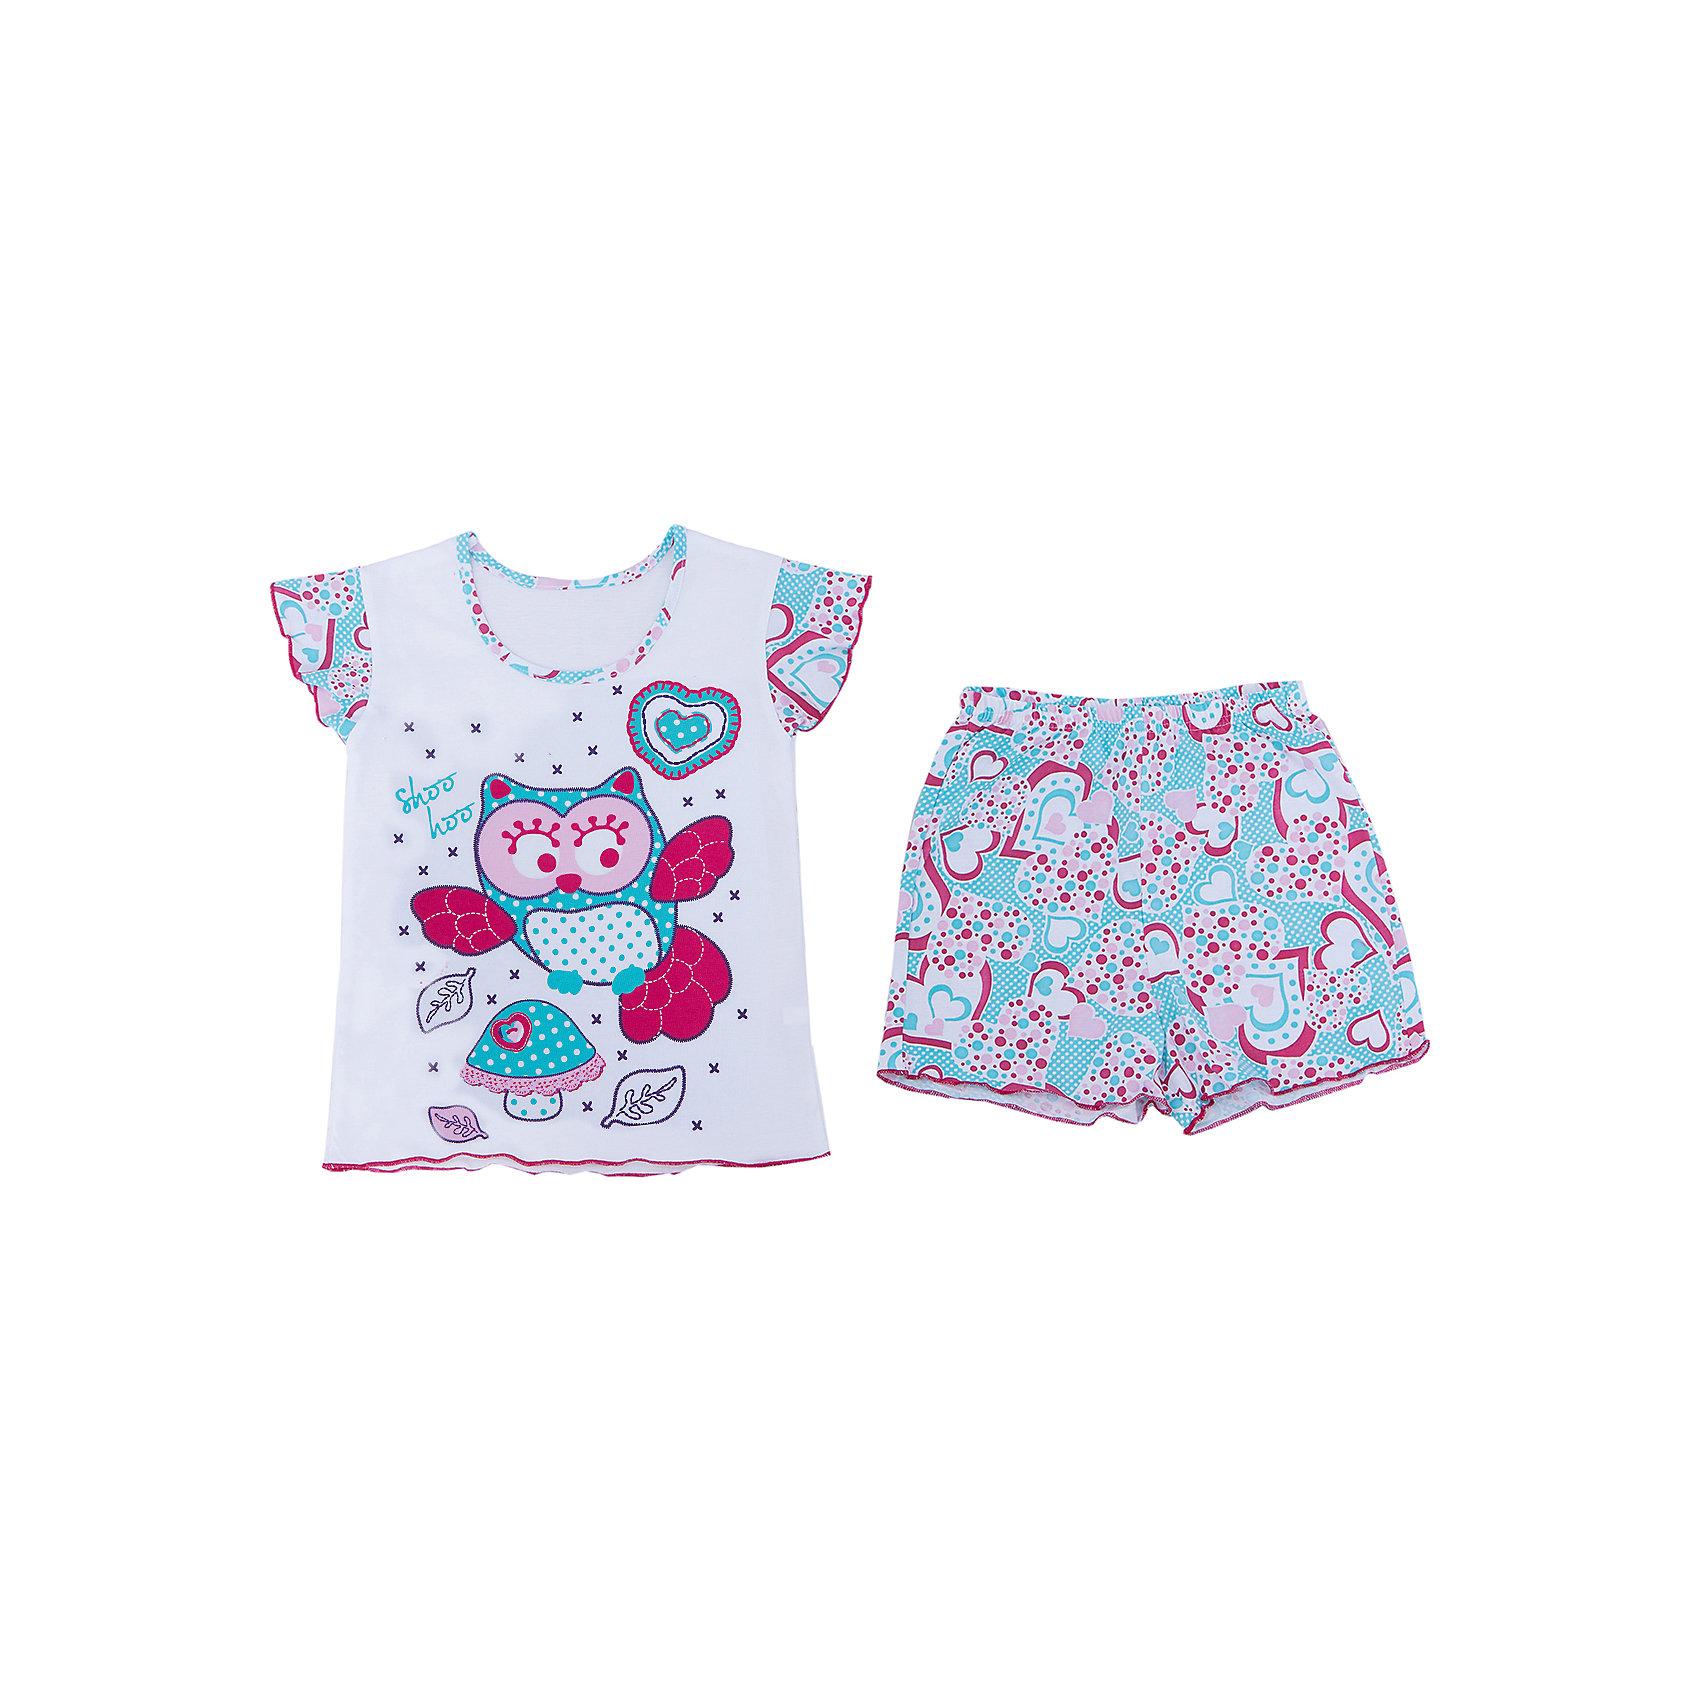 Пижама для девочки АпрельПижама для девочки Апрель.<br><br>Характеристики:<br>• состав: 100% хлопок<br>• цвет: белый/голубой<br><br>Пижама для девочки от известной марки Апрель выполнена из мягкого хлопка, который подарит комфорт во время сна. Шортики и футболка имеют одинаковую расцветку в виде сердечек. Футболка дополнена принтом с изображением совы. Рукава футболки дополнены рюшами. В этой пижаме девочка увидит самые прекрасные сны!<br><br>Пижаму для девочки Апрель вы можете купить в нашем интернет-магазине.<br><br>Ширина мм: 281<br>Глубина мм: 70<br>Высота мм: 188<br>Вес г: 295<br>Цвет: белый/голубой<br>Возраст от месяцев: 60<br>Возраст до месяцев: 72<br>Пол: Женский<br>Возраст: Детский<br>Размер: 116,110,128,122<br>SKU: 4936738